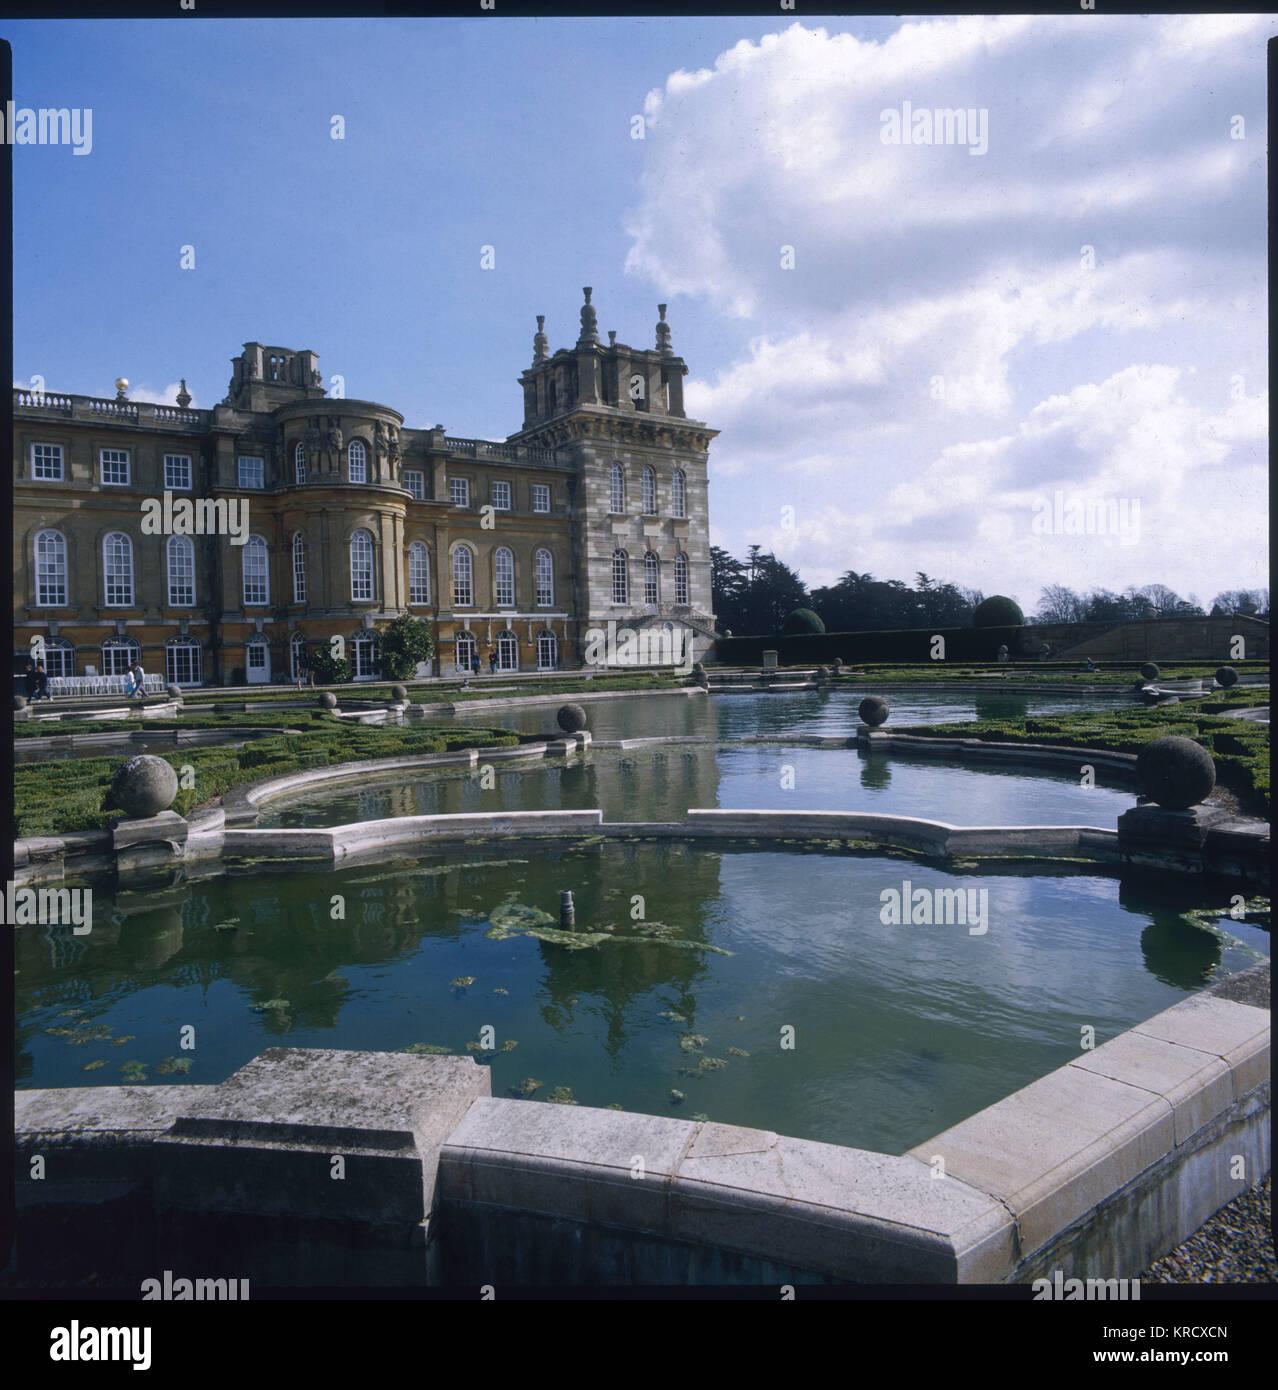 Il magnifico Palazzo di Blenheim in Oxfordshire, costruito da Queen Anne per il primo Duca di Marlborough come una Immagini Stock